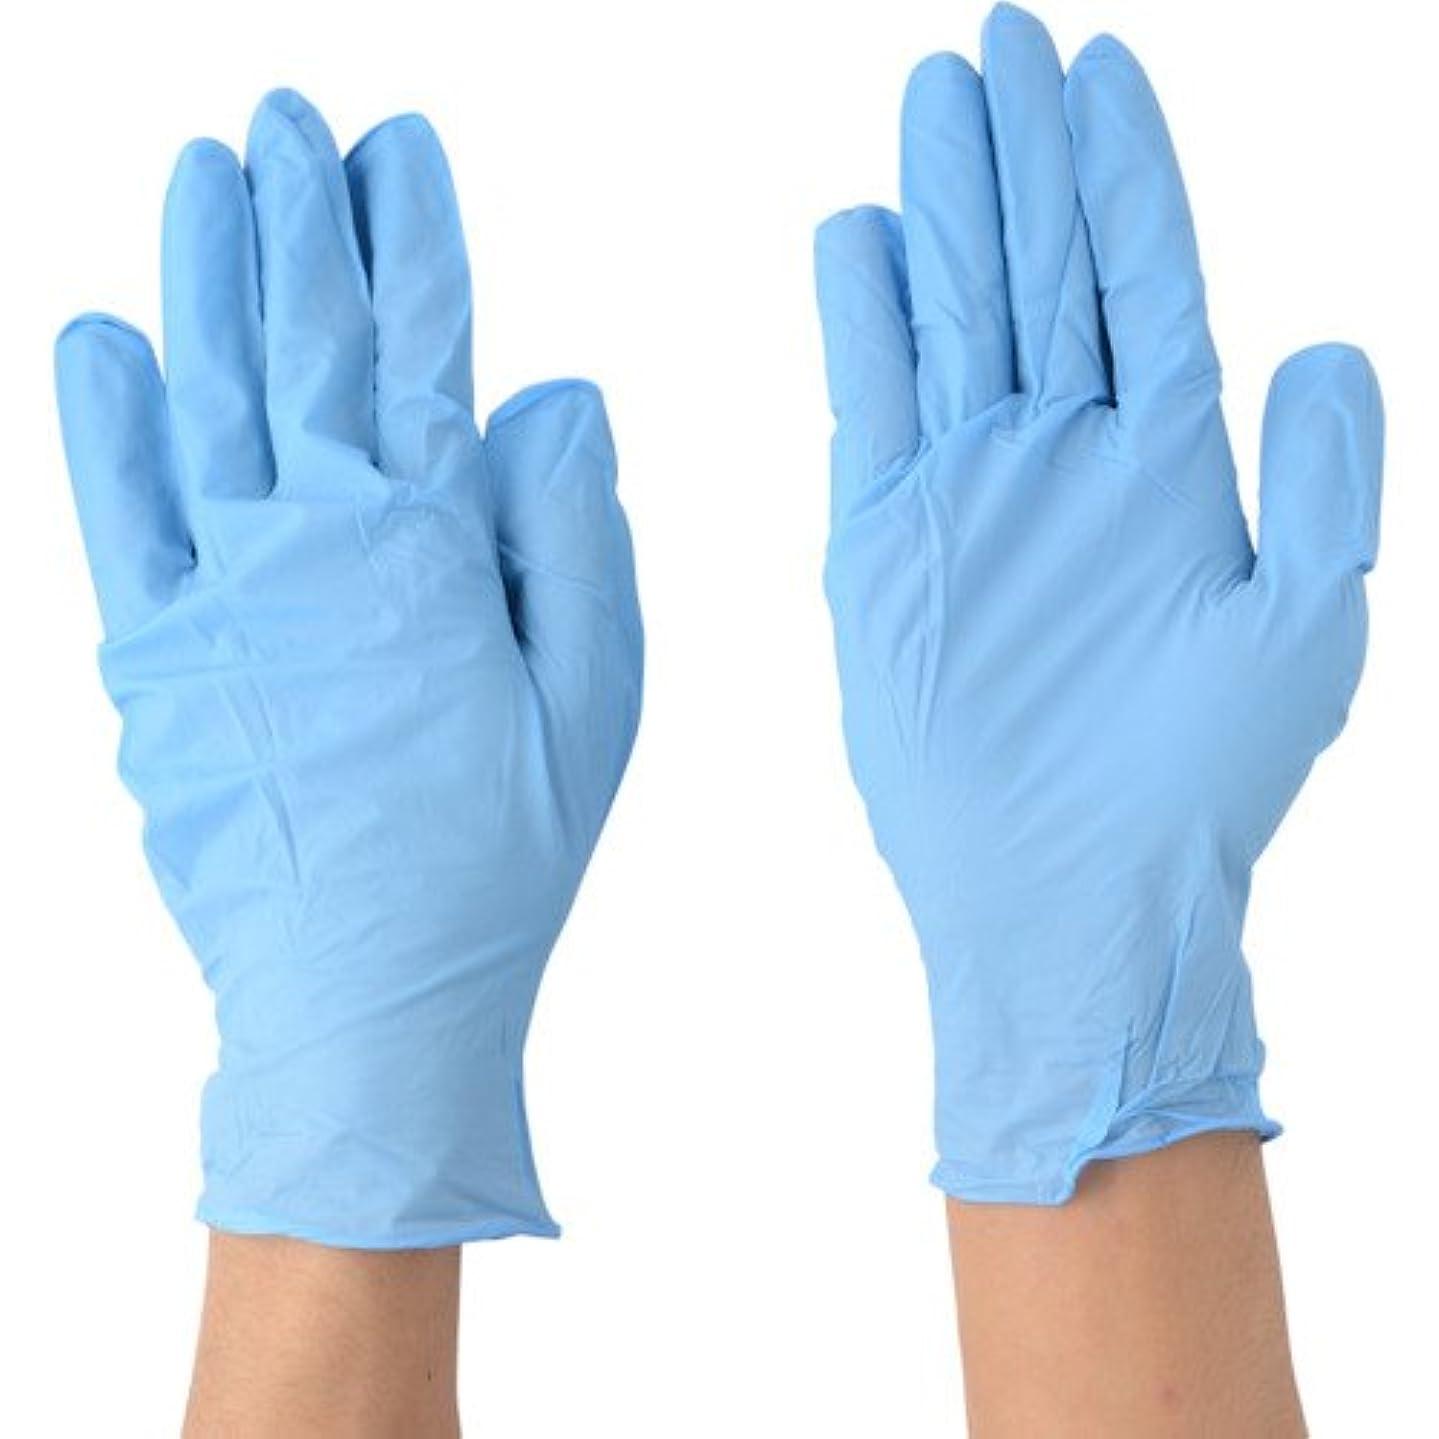 従事するスキップ首相川西工業 ニトリル 極薄手袋 ストロング 粉なし 100枚入 #2037 ブルー SS